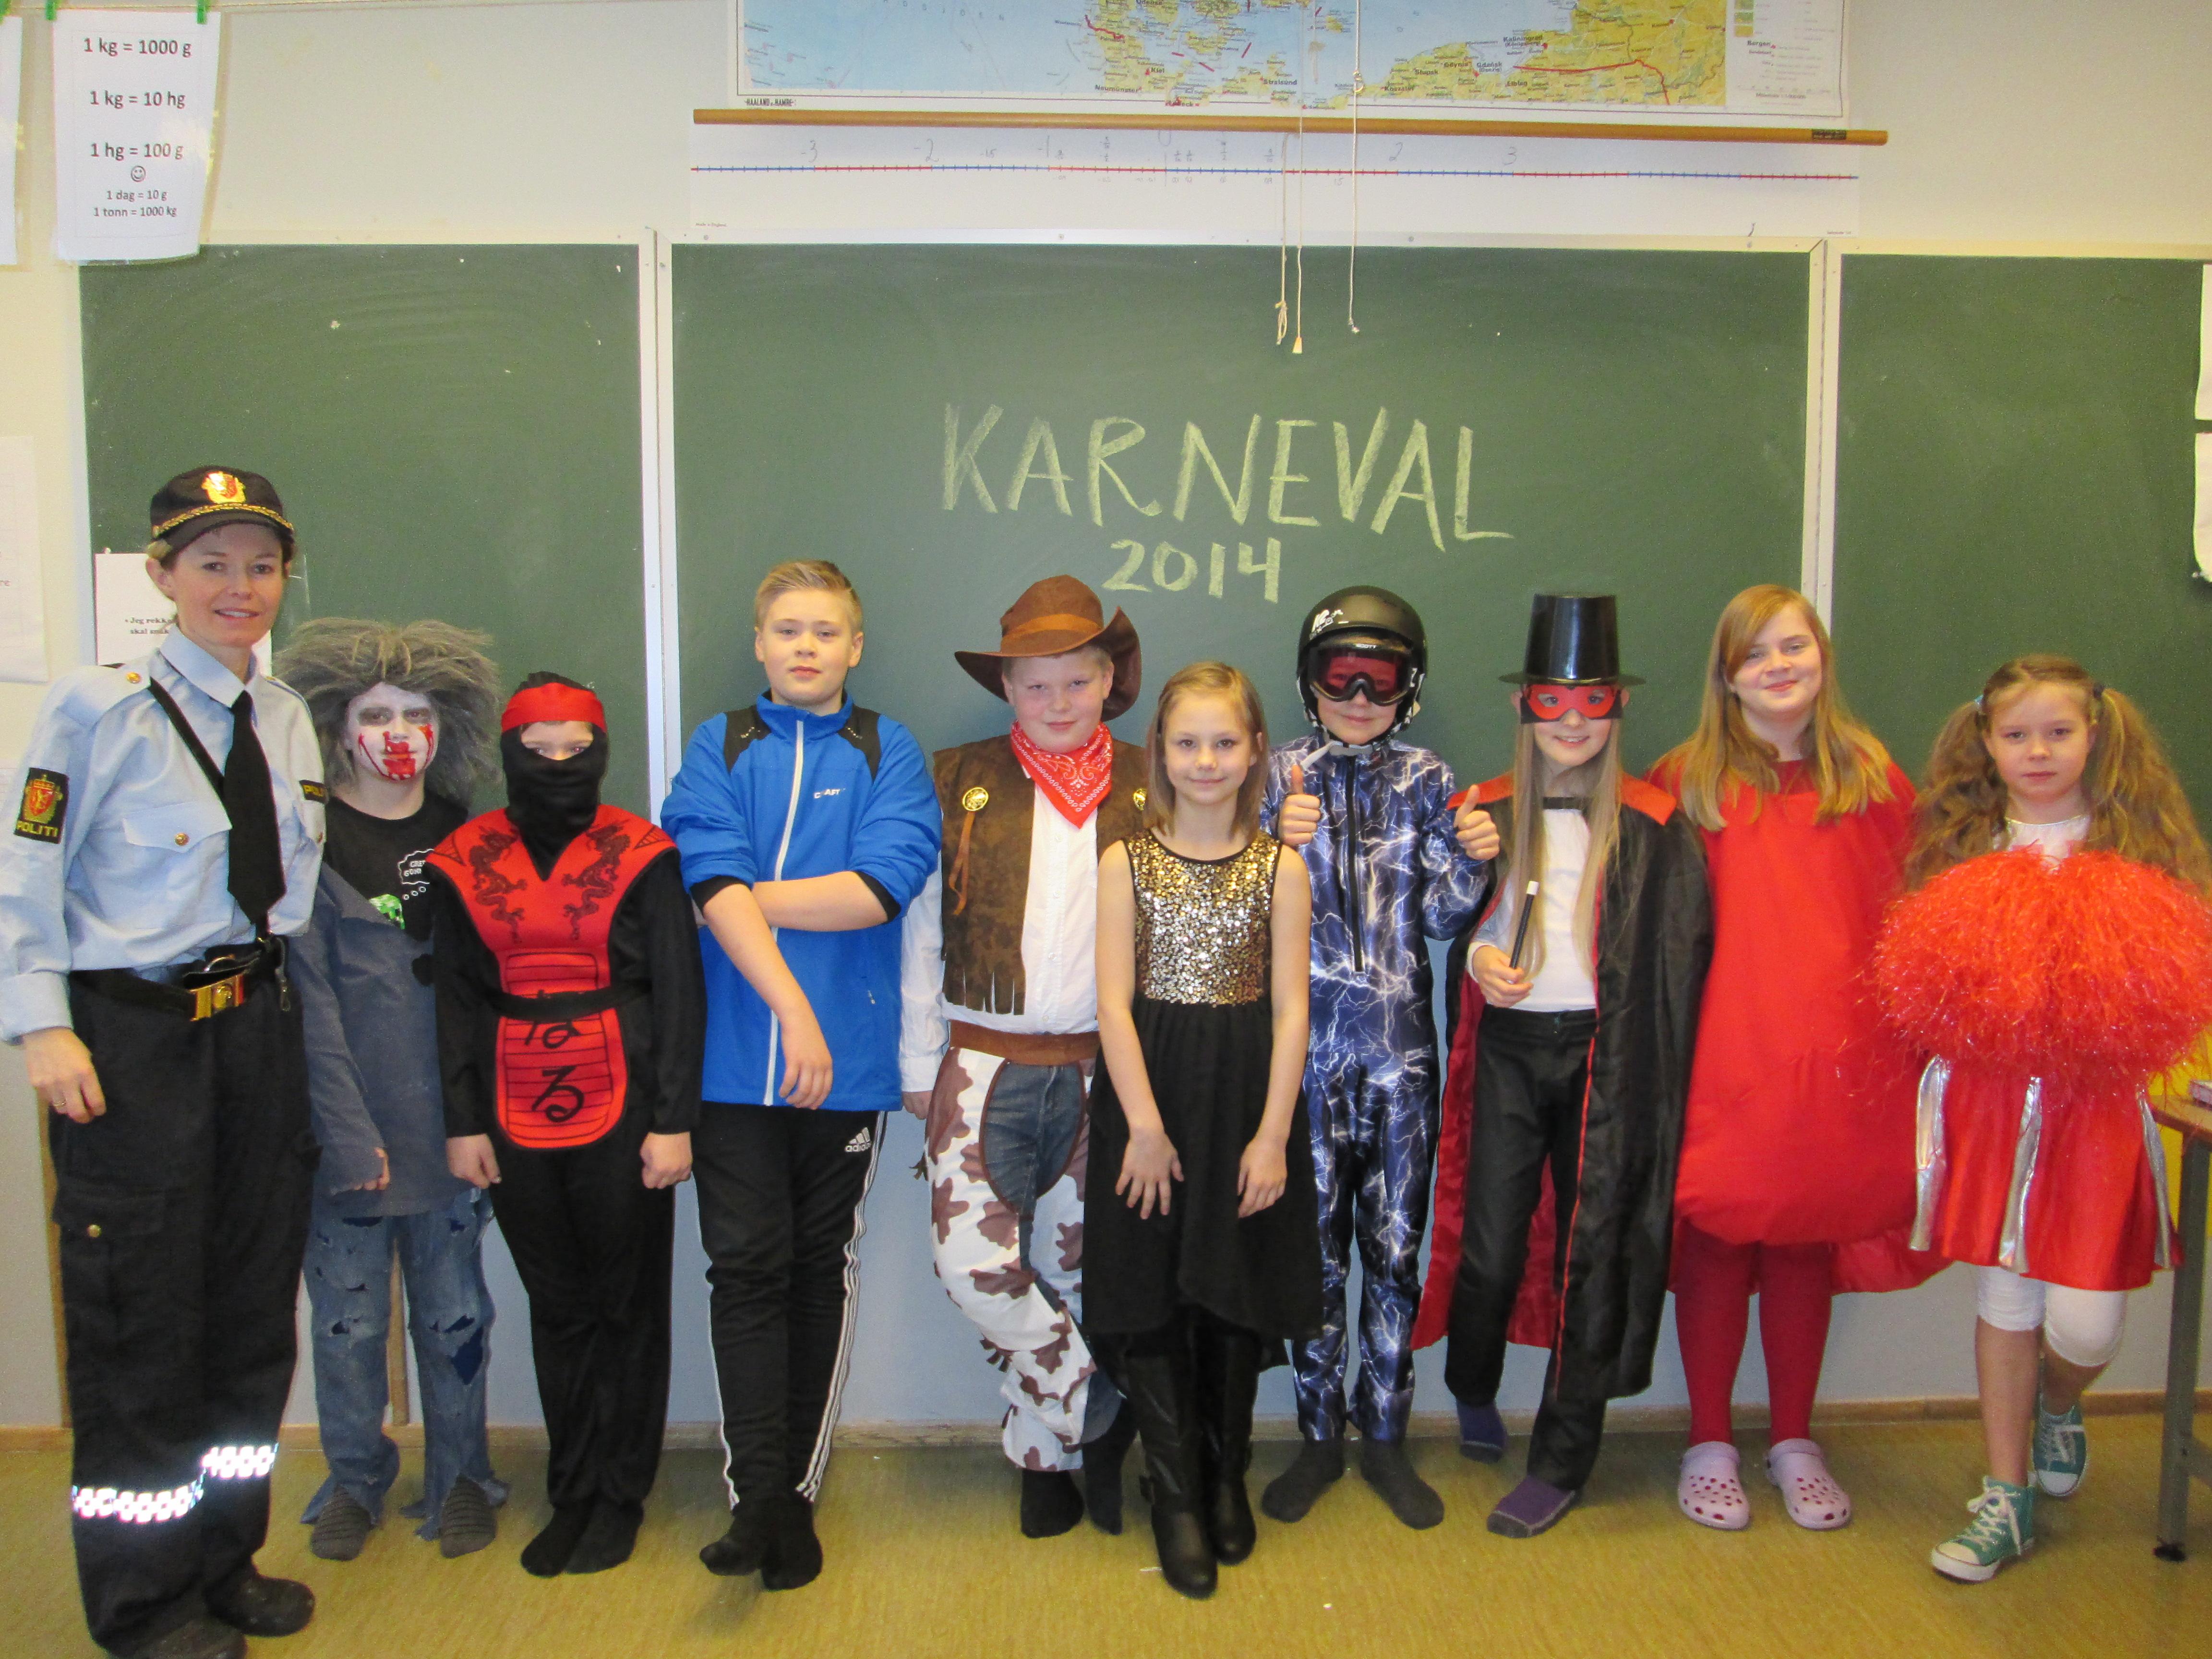 karneval kostyme voksen